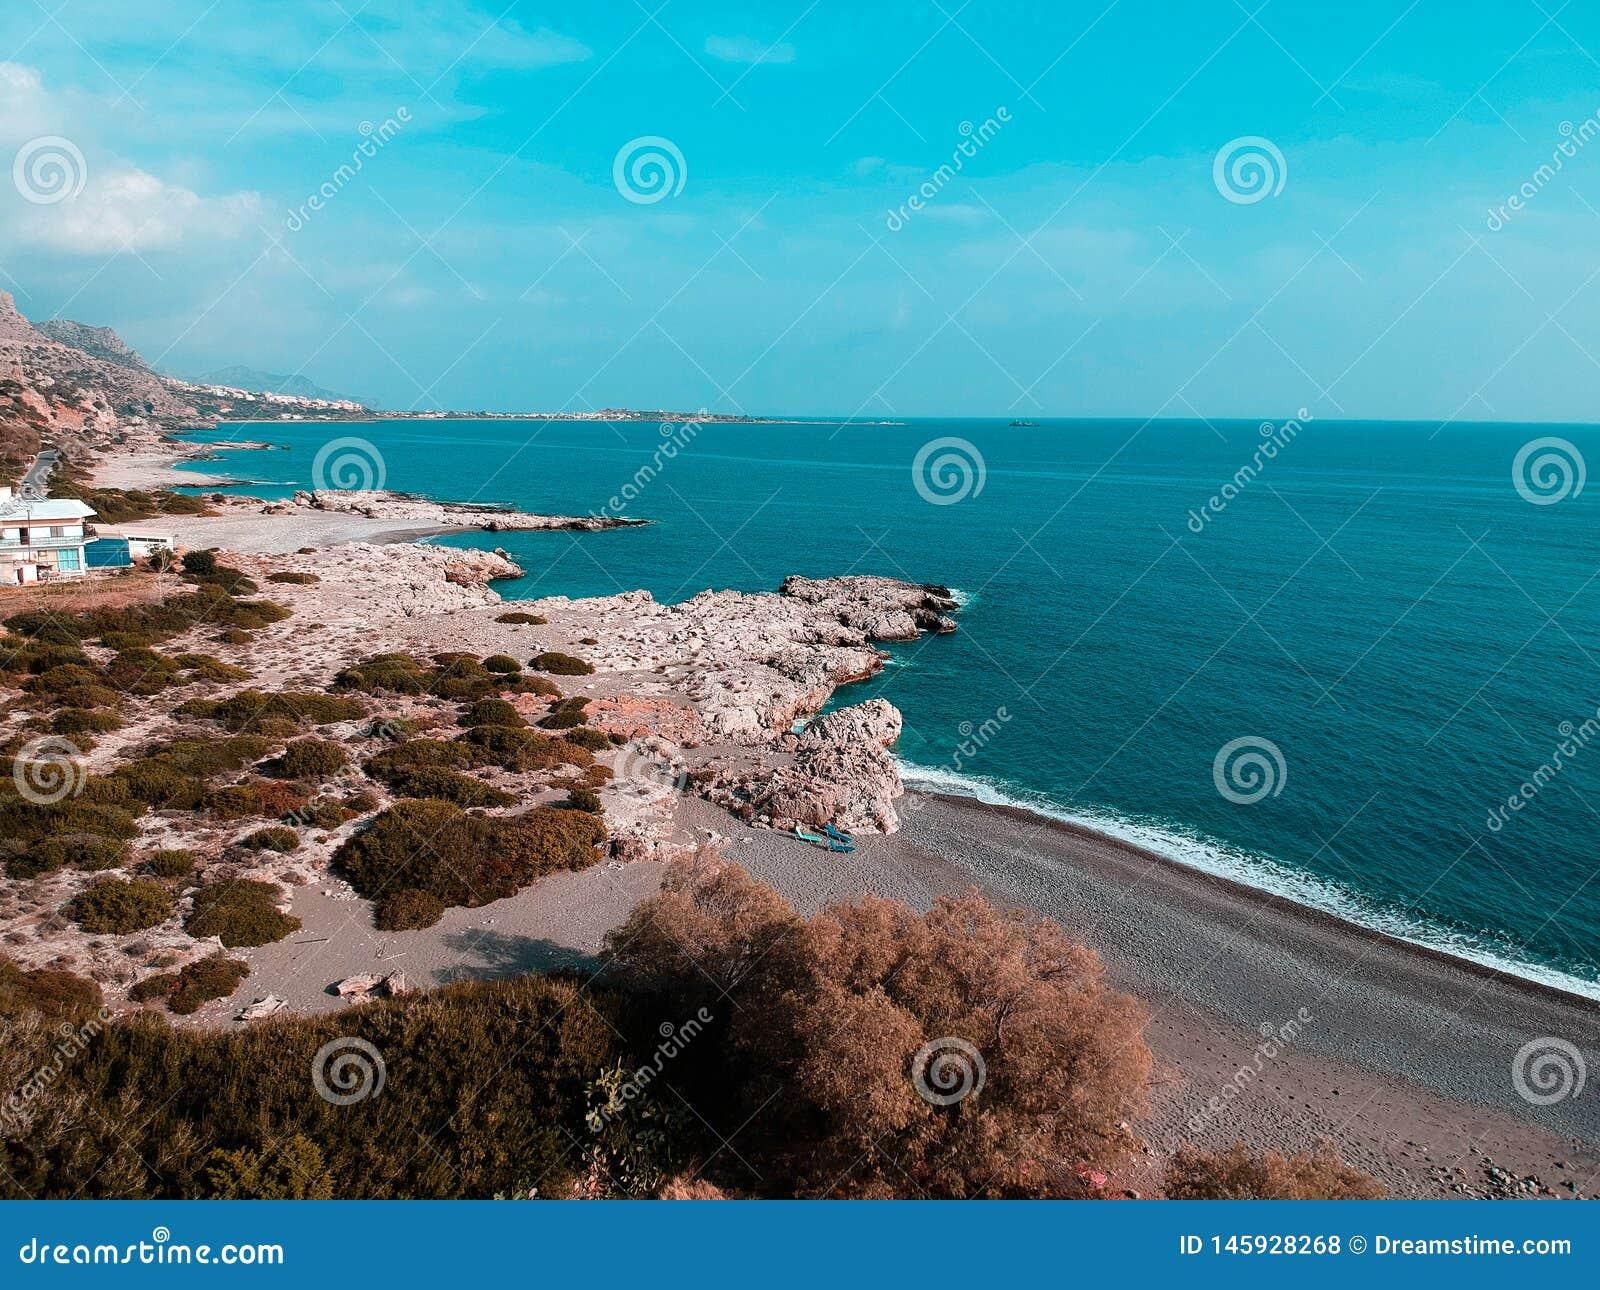 Tir de bourdon en Grèce avec la plage gentille et la mer bleue